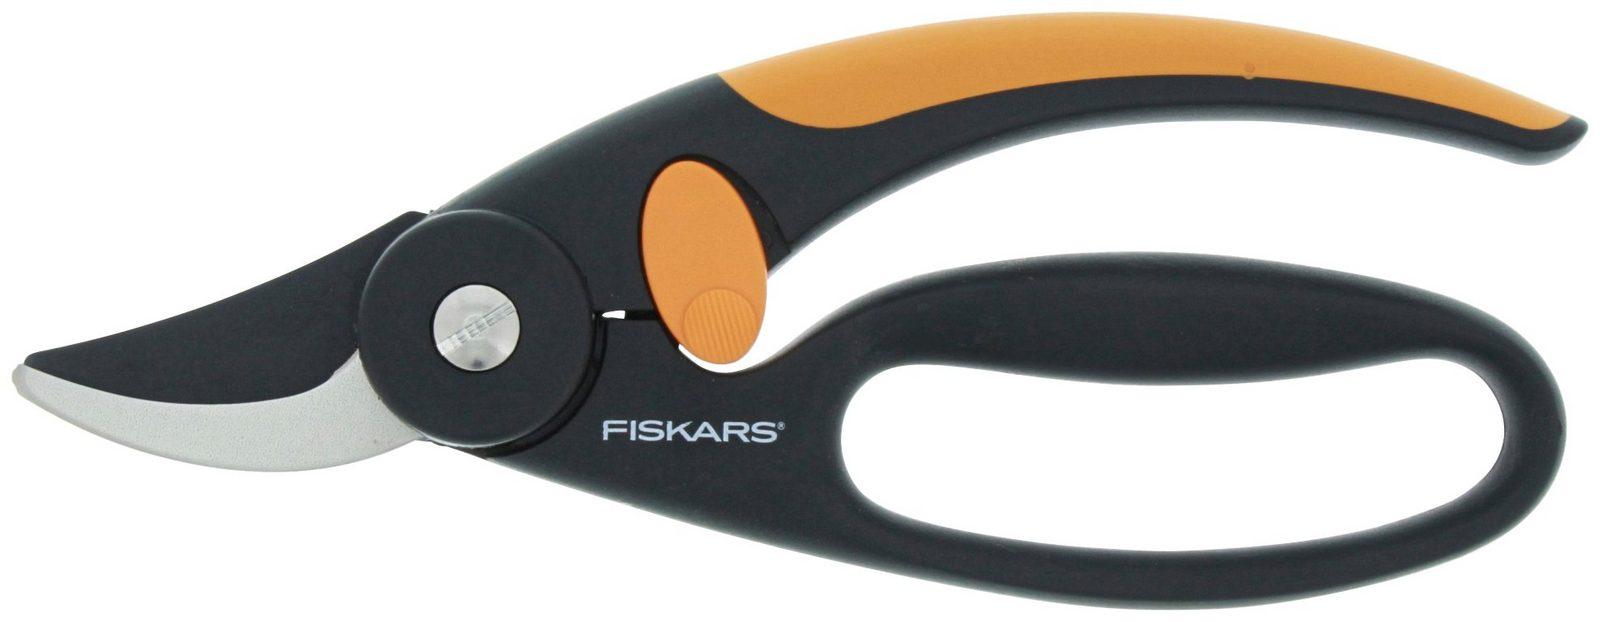 FISKARS Gartenschere »Bypass P44«, für frisches Holz bis zu Ø 2 cm jetztbilligerkaufen